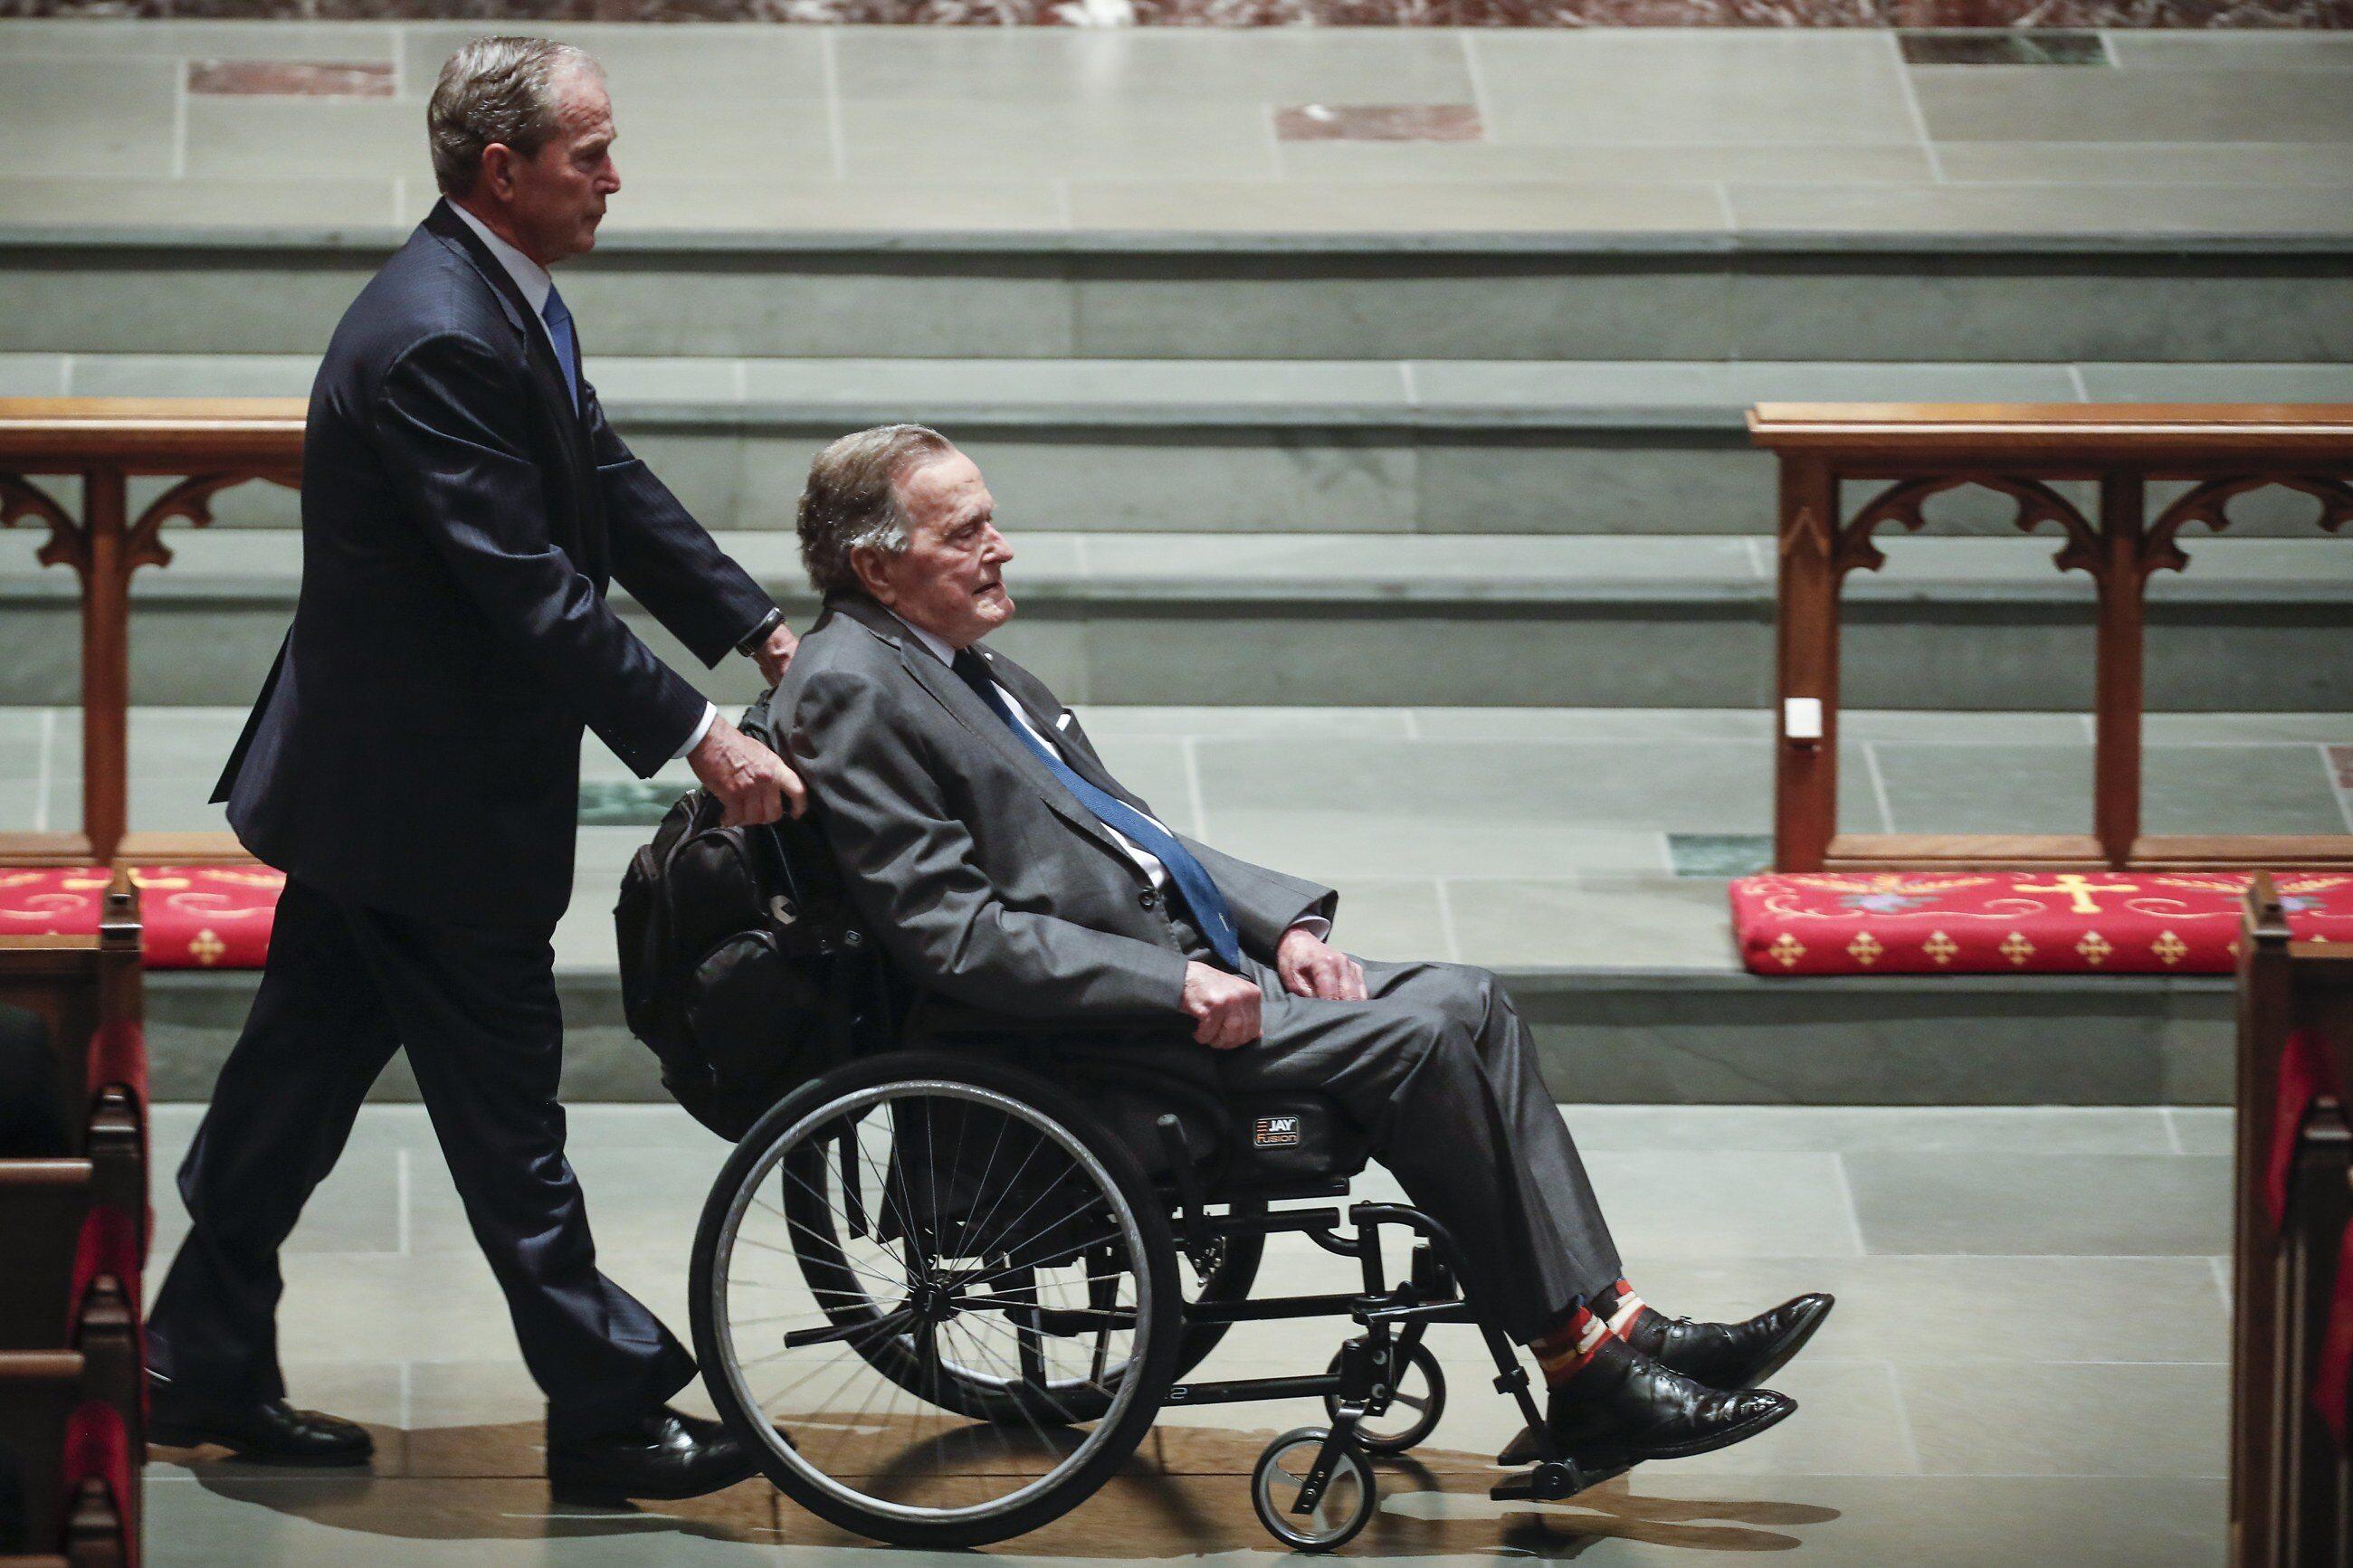 Były prezydent USA George W. Bush ze swoim ojcem, również byłym prezydentem Georgem H.W. Bushem